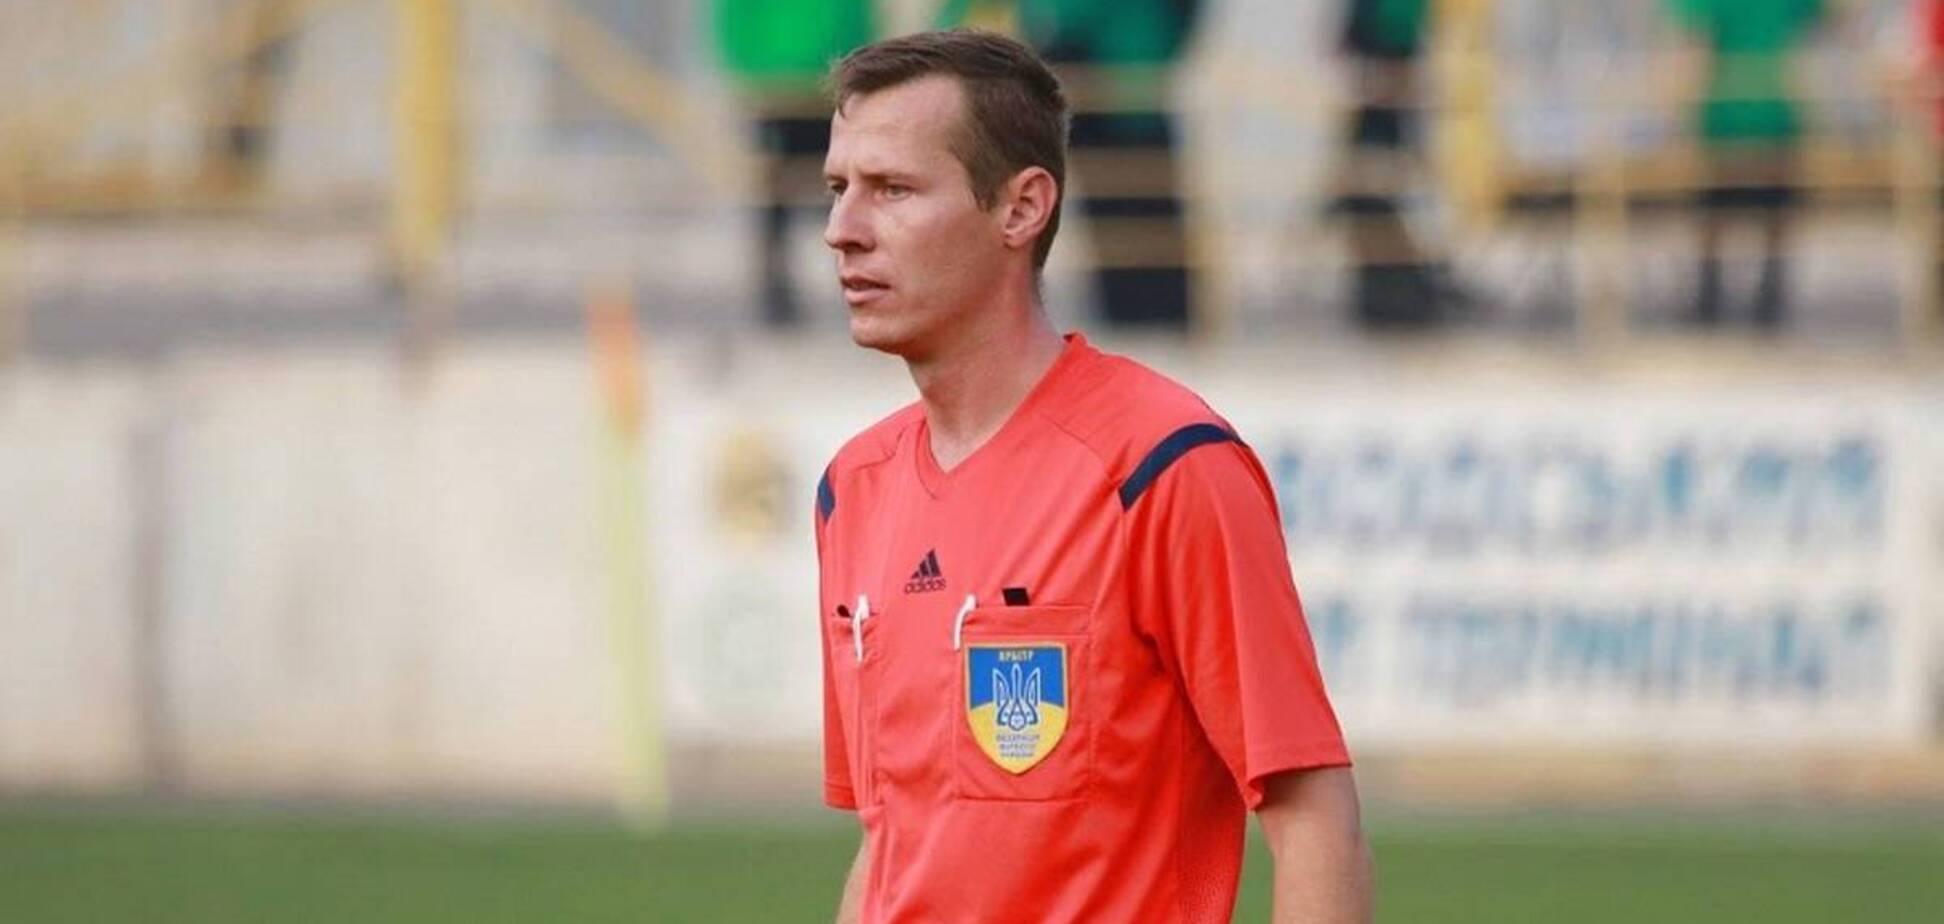 Арбітра Юрія Іванова побили після матчу Першої ліги України